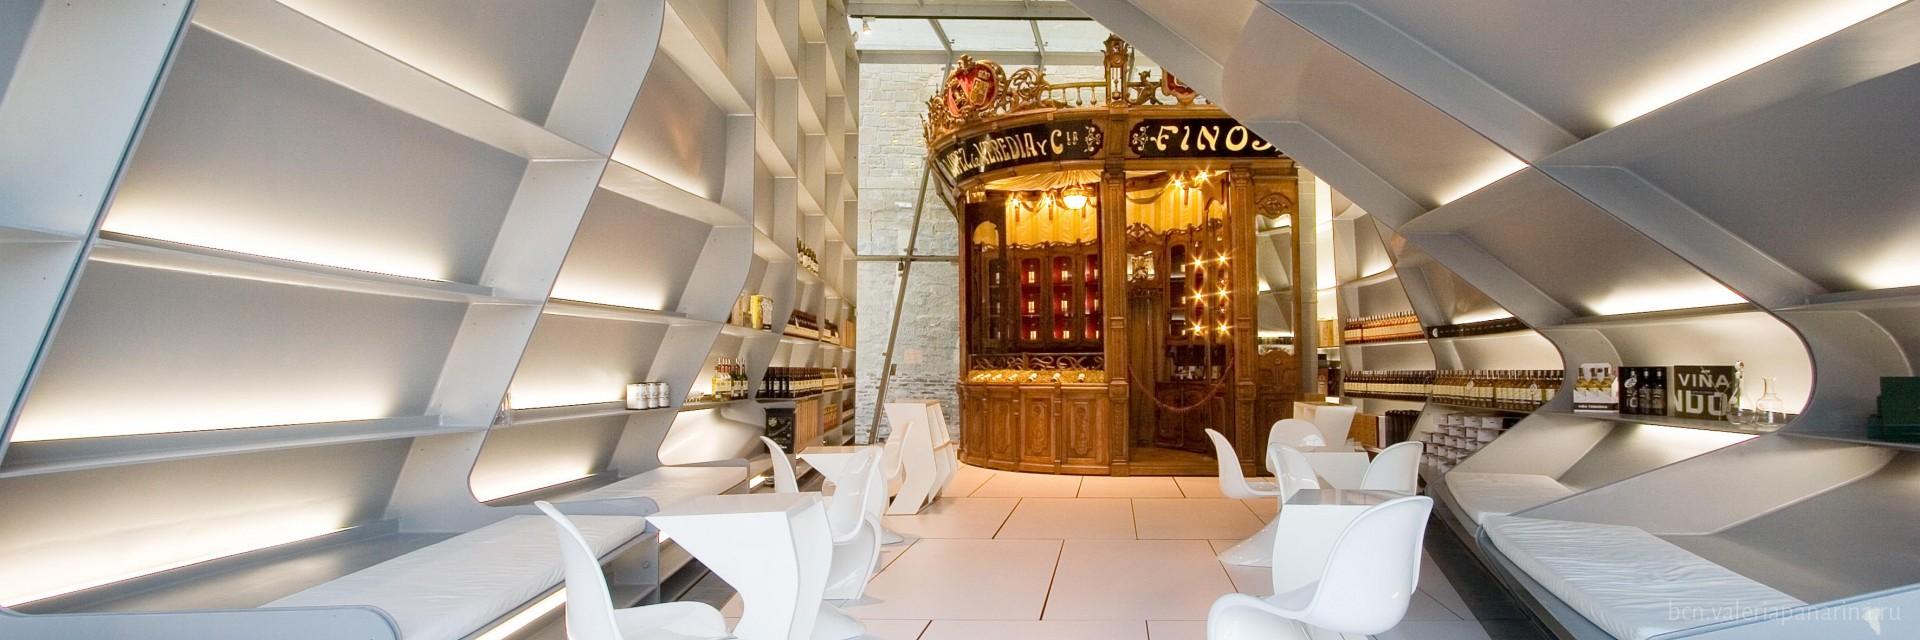 Ужин с интригой: нестандартные интерьеры испанских ресторанов